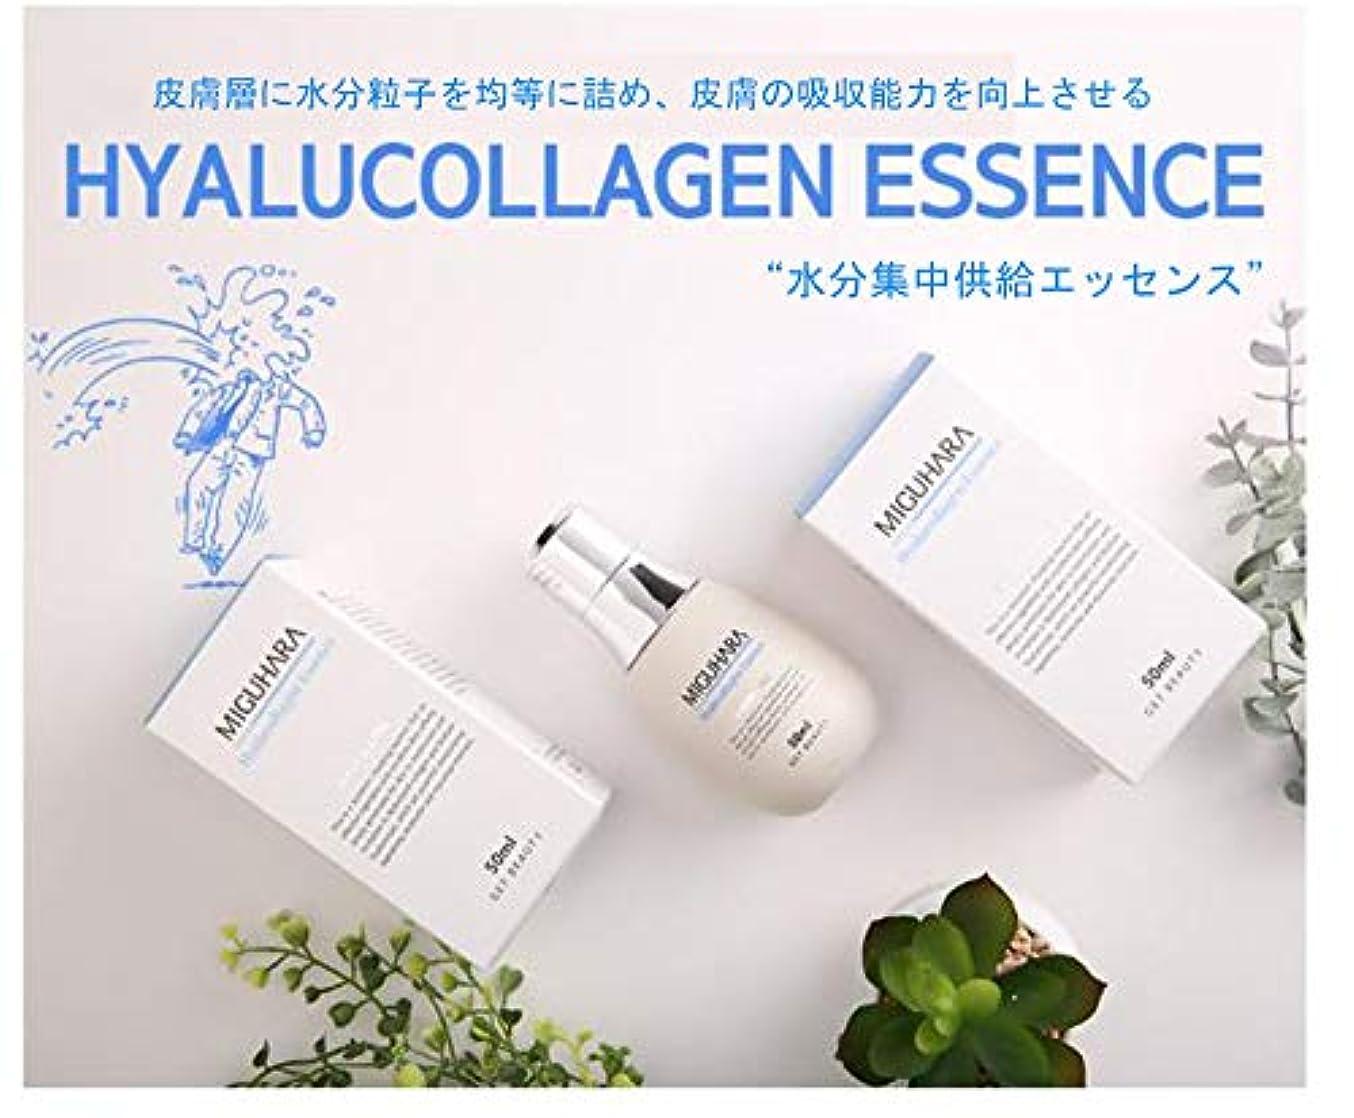 岩遮る熟読MIGUHARA Hyalucollagen Essence 50ml /ヒアルロンコラーゲンエッセンス 50ml